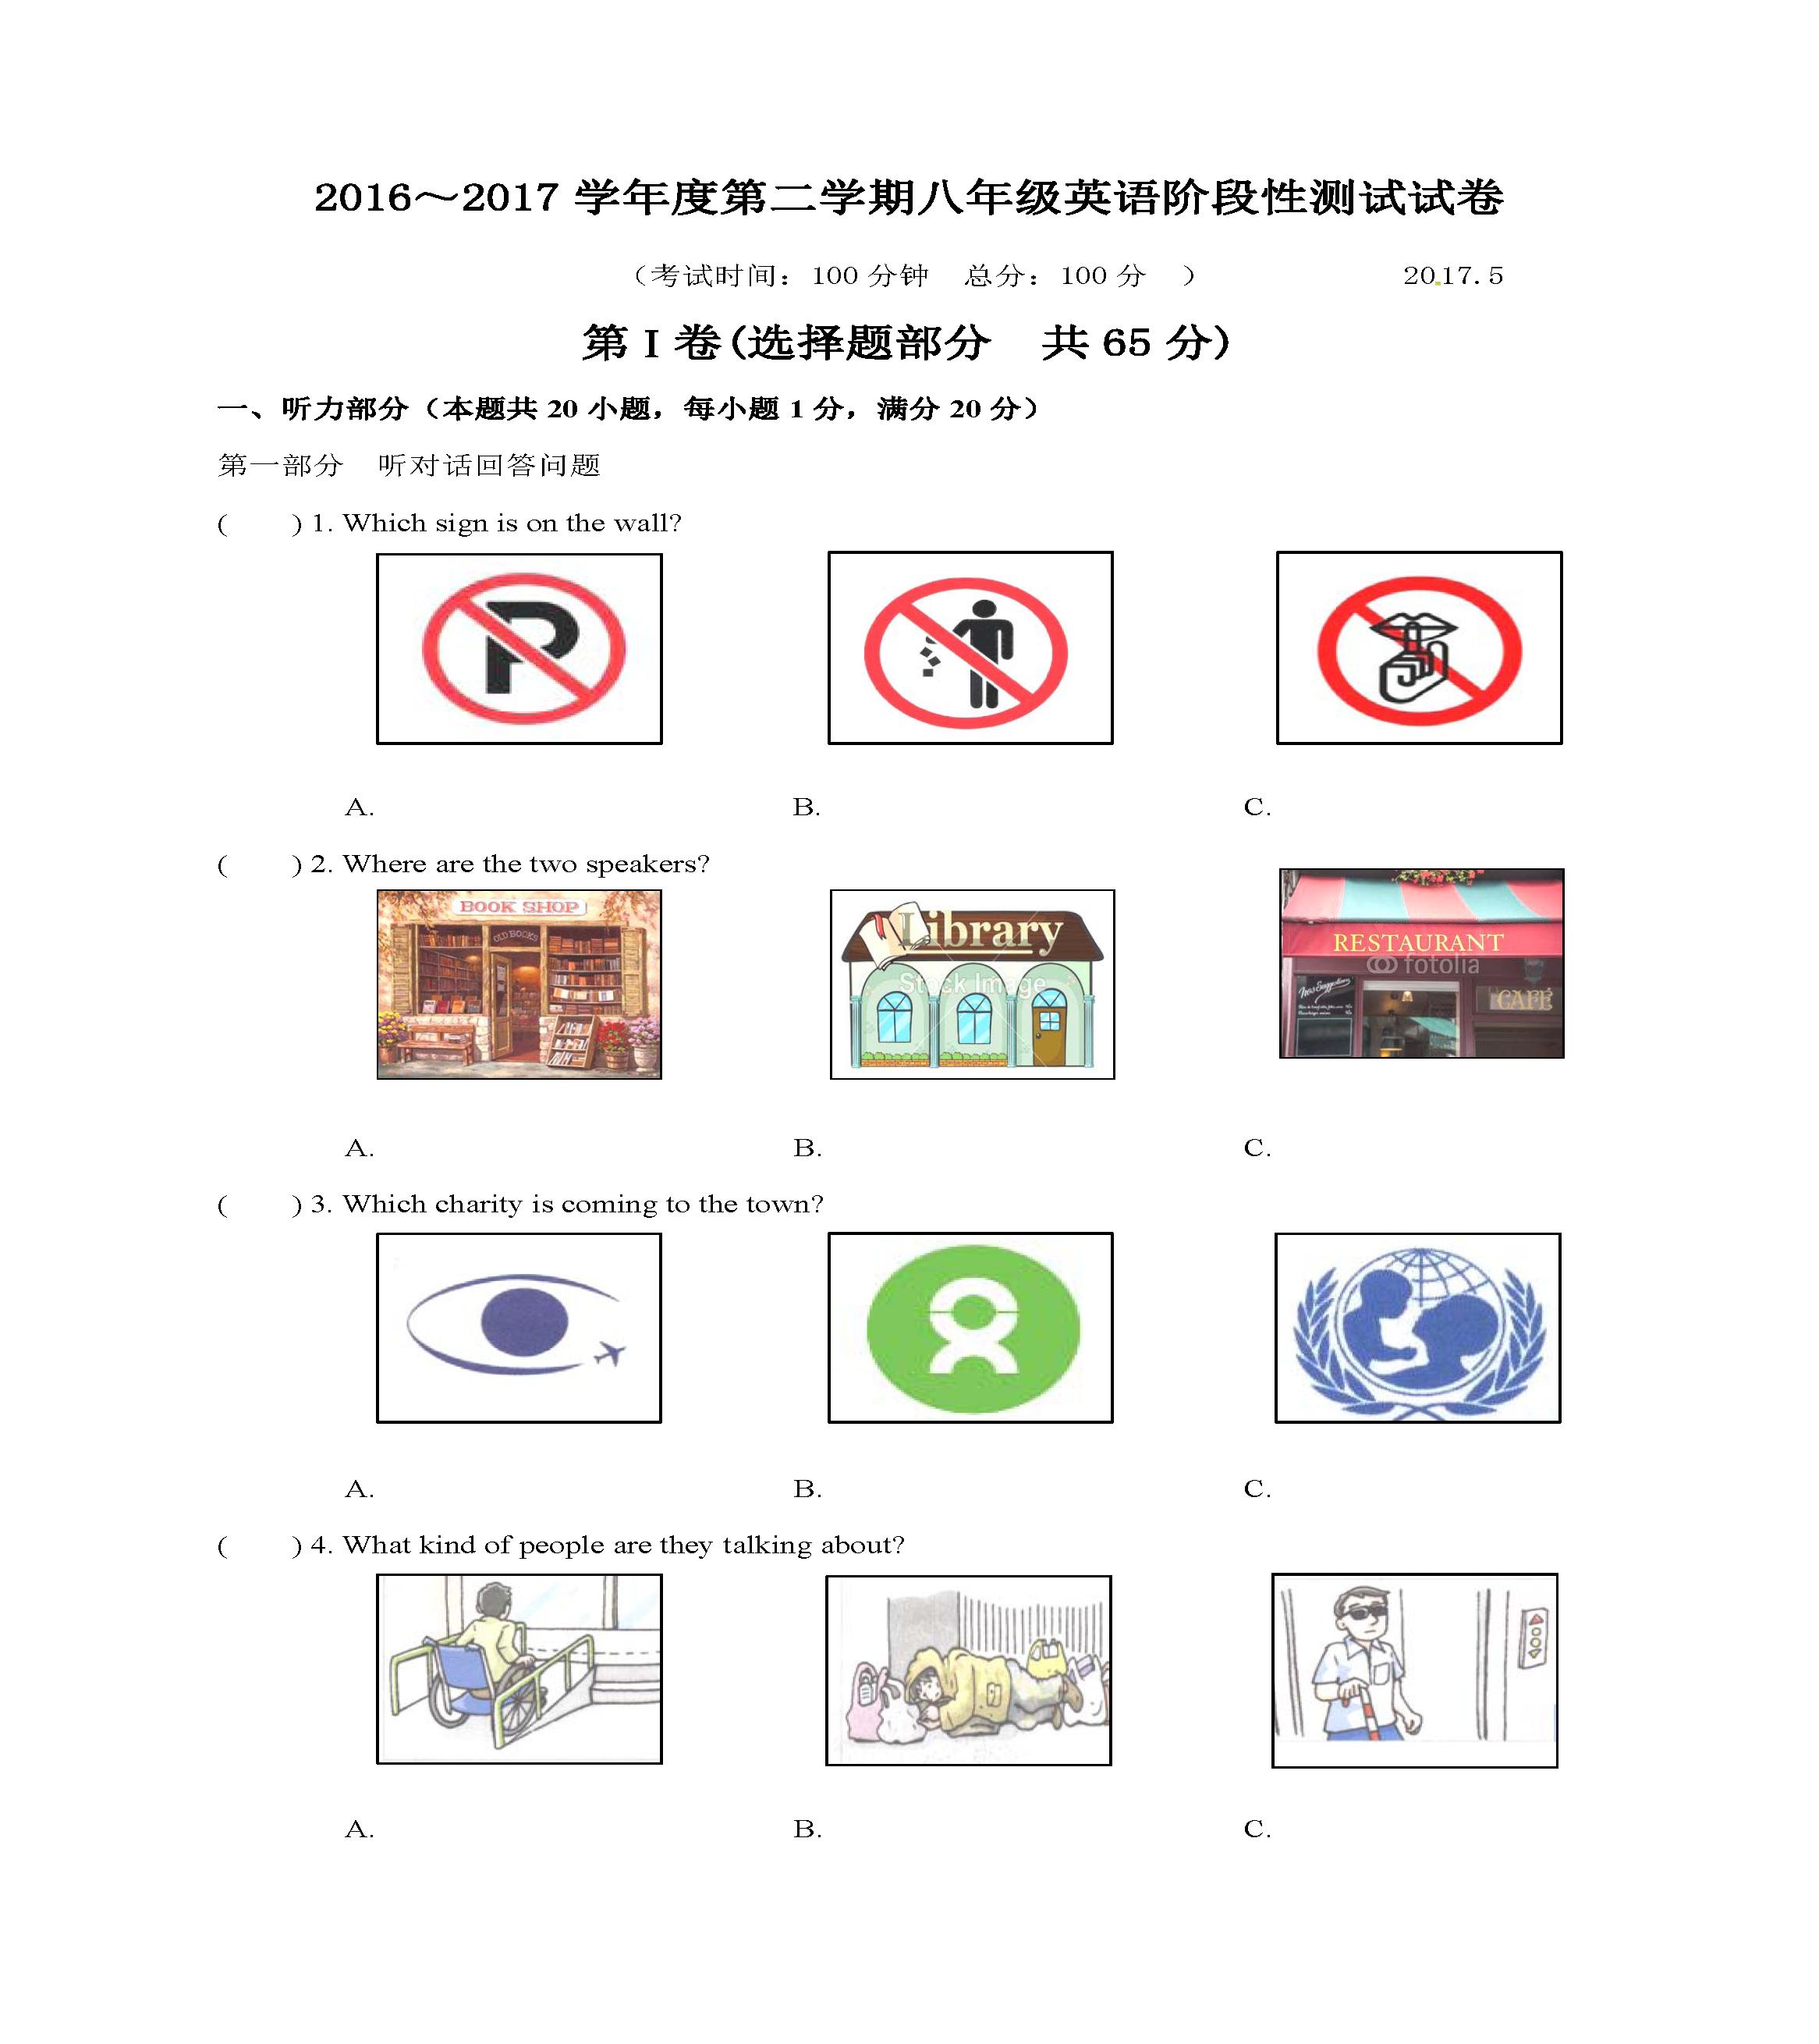 江苏无锡江阴周庄中学2016-2017八年级5月月考英语试题(图片版)